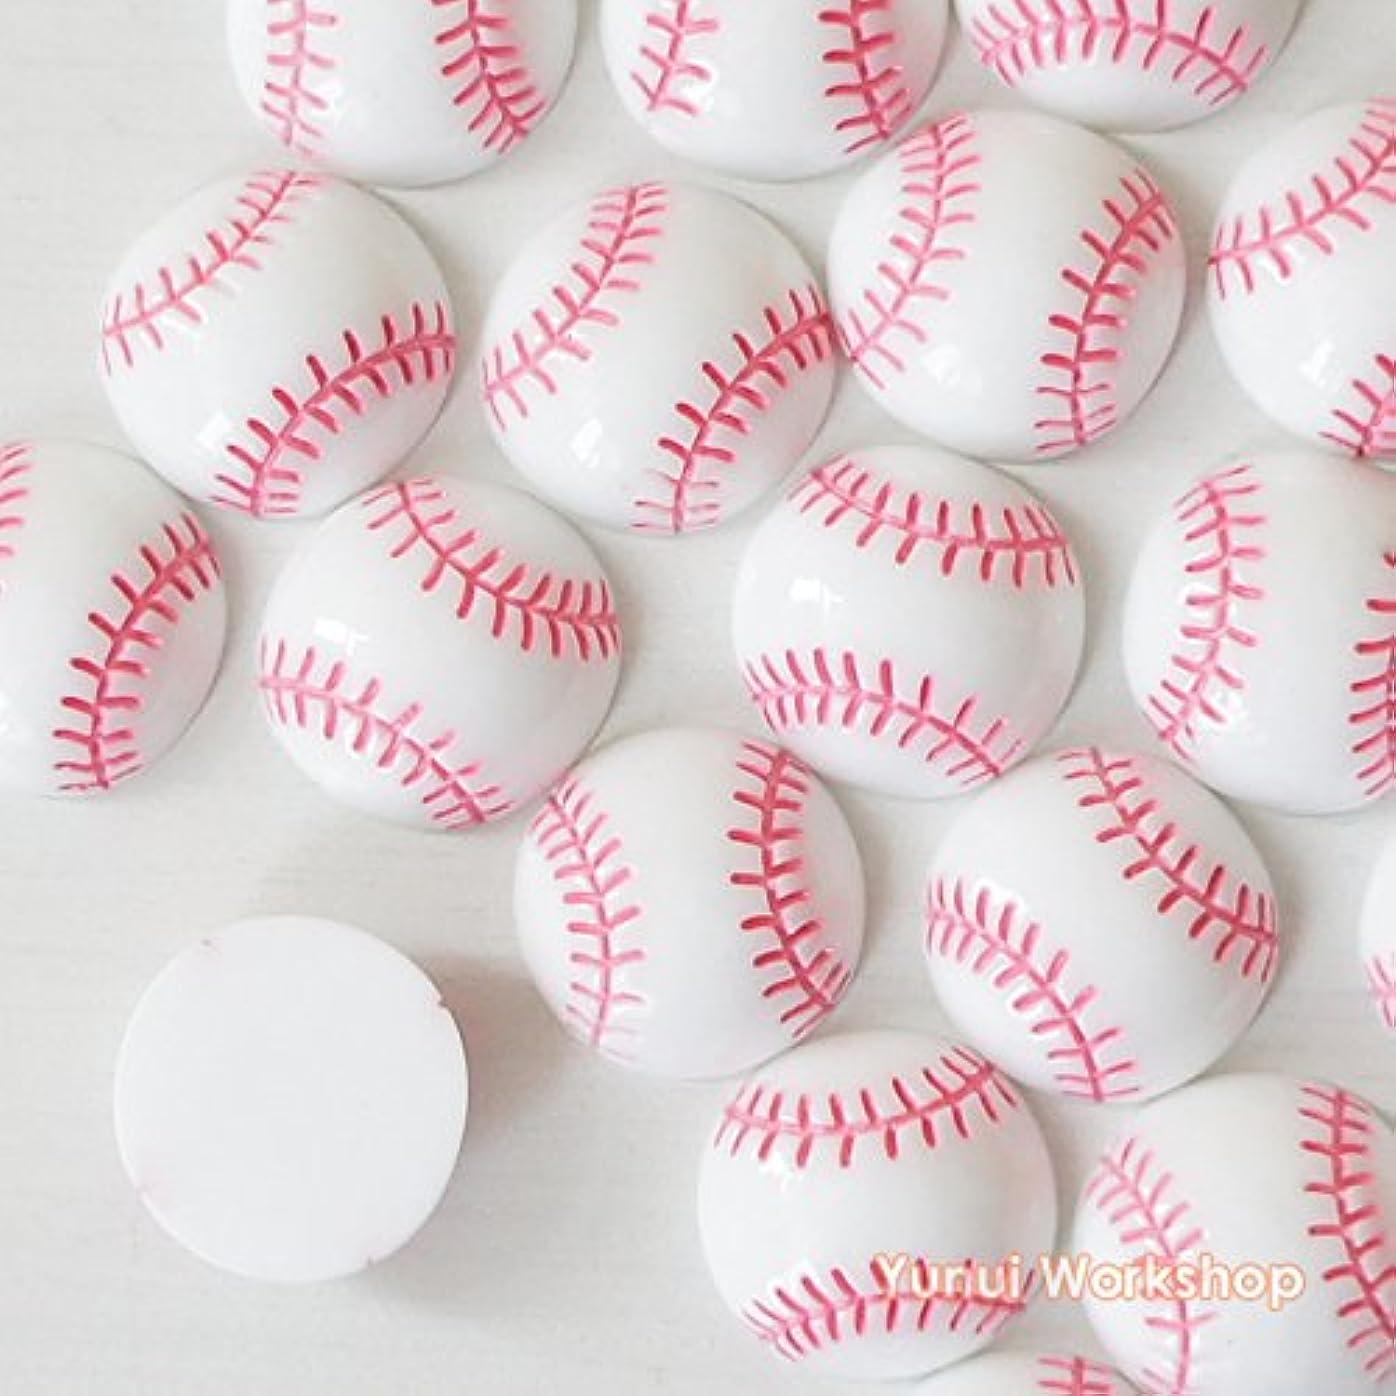 ジャグリング炭素ベッドを作る【野球ボール?6個】24mm x 24mm?デコ用?デコパーツ?カボション?レジン?手作り?手芸?DIY?材料?小物?装飾用